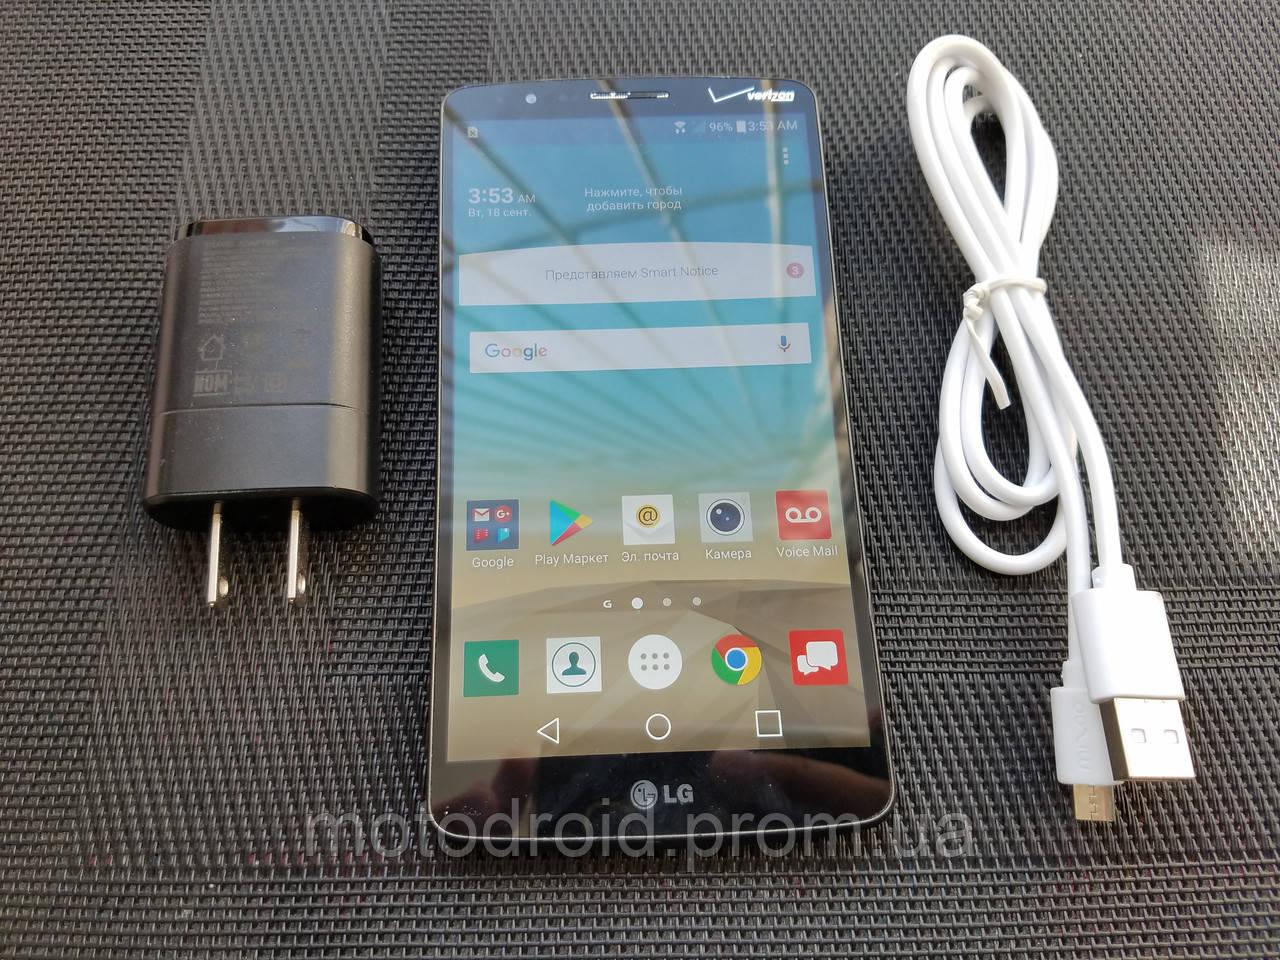 LG G3 VS985 16 Gb